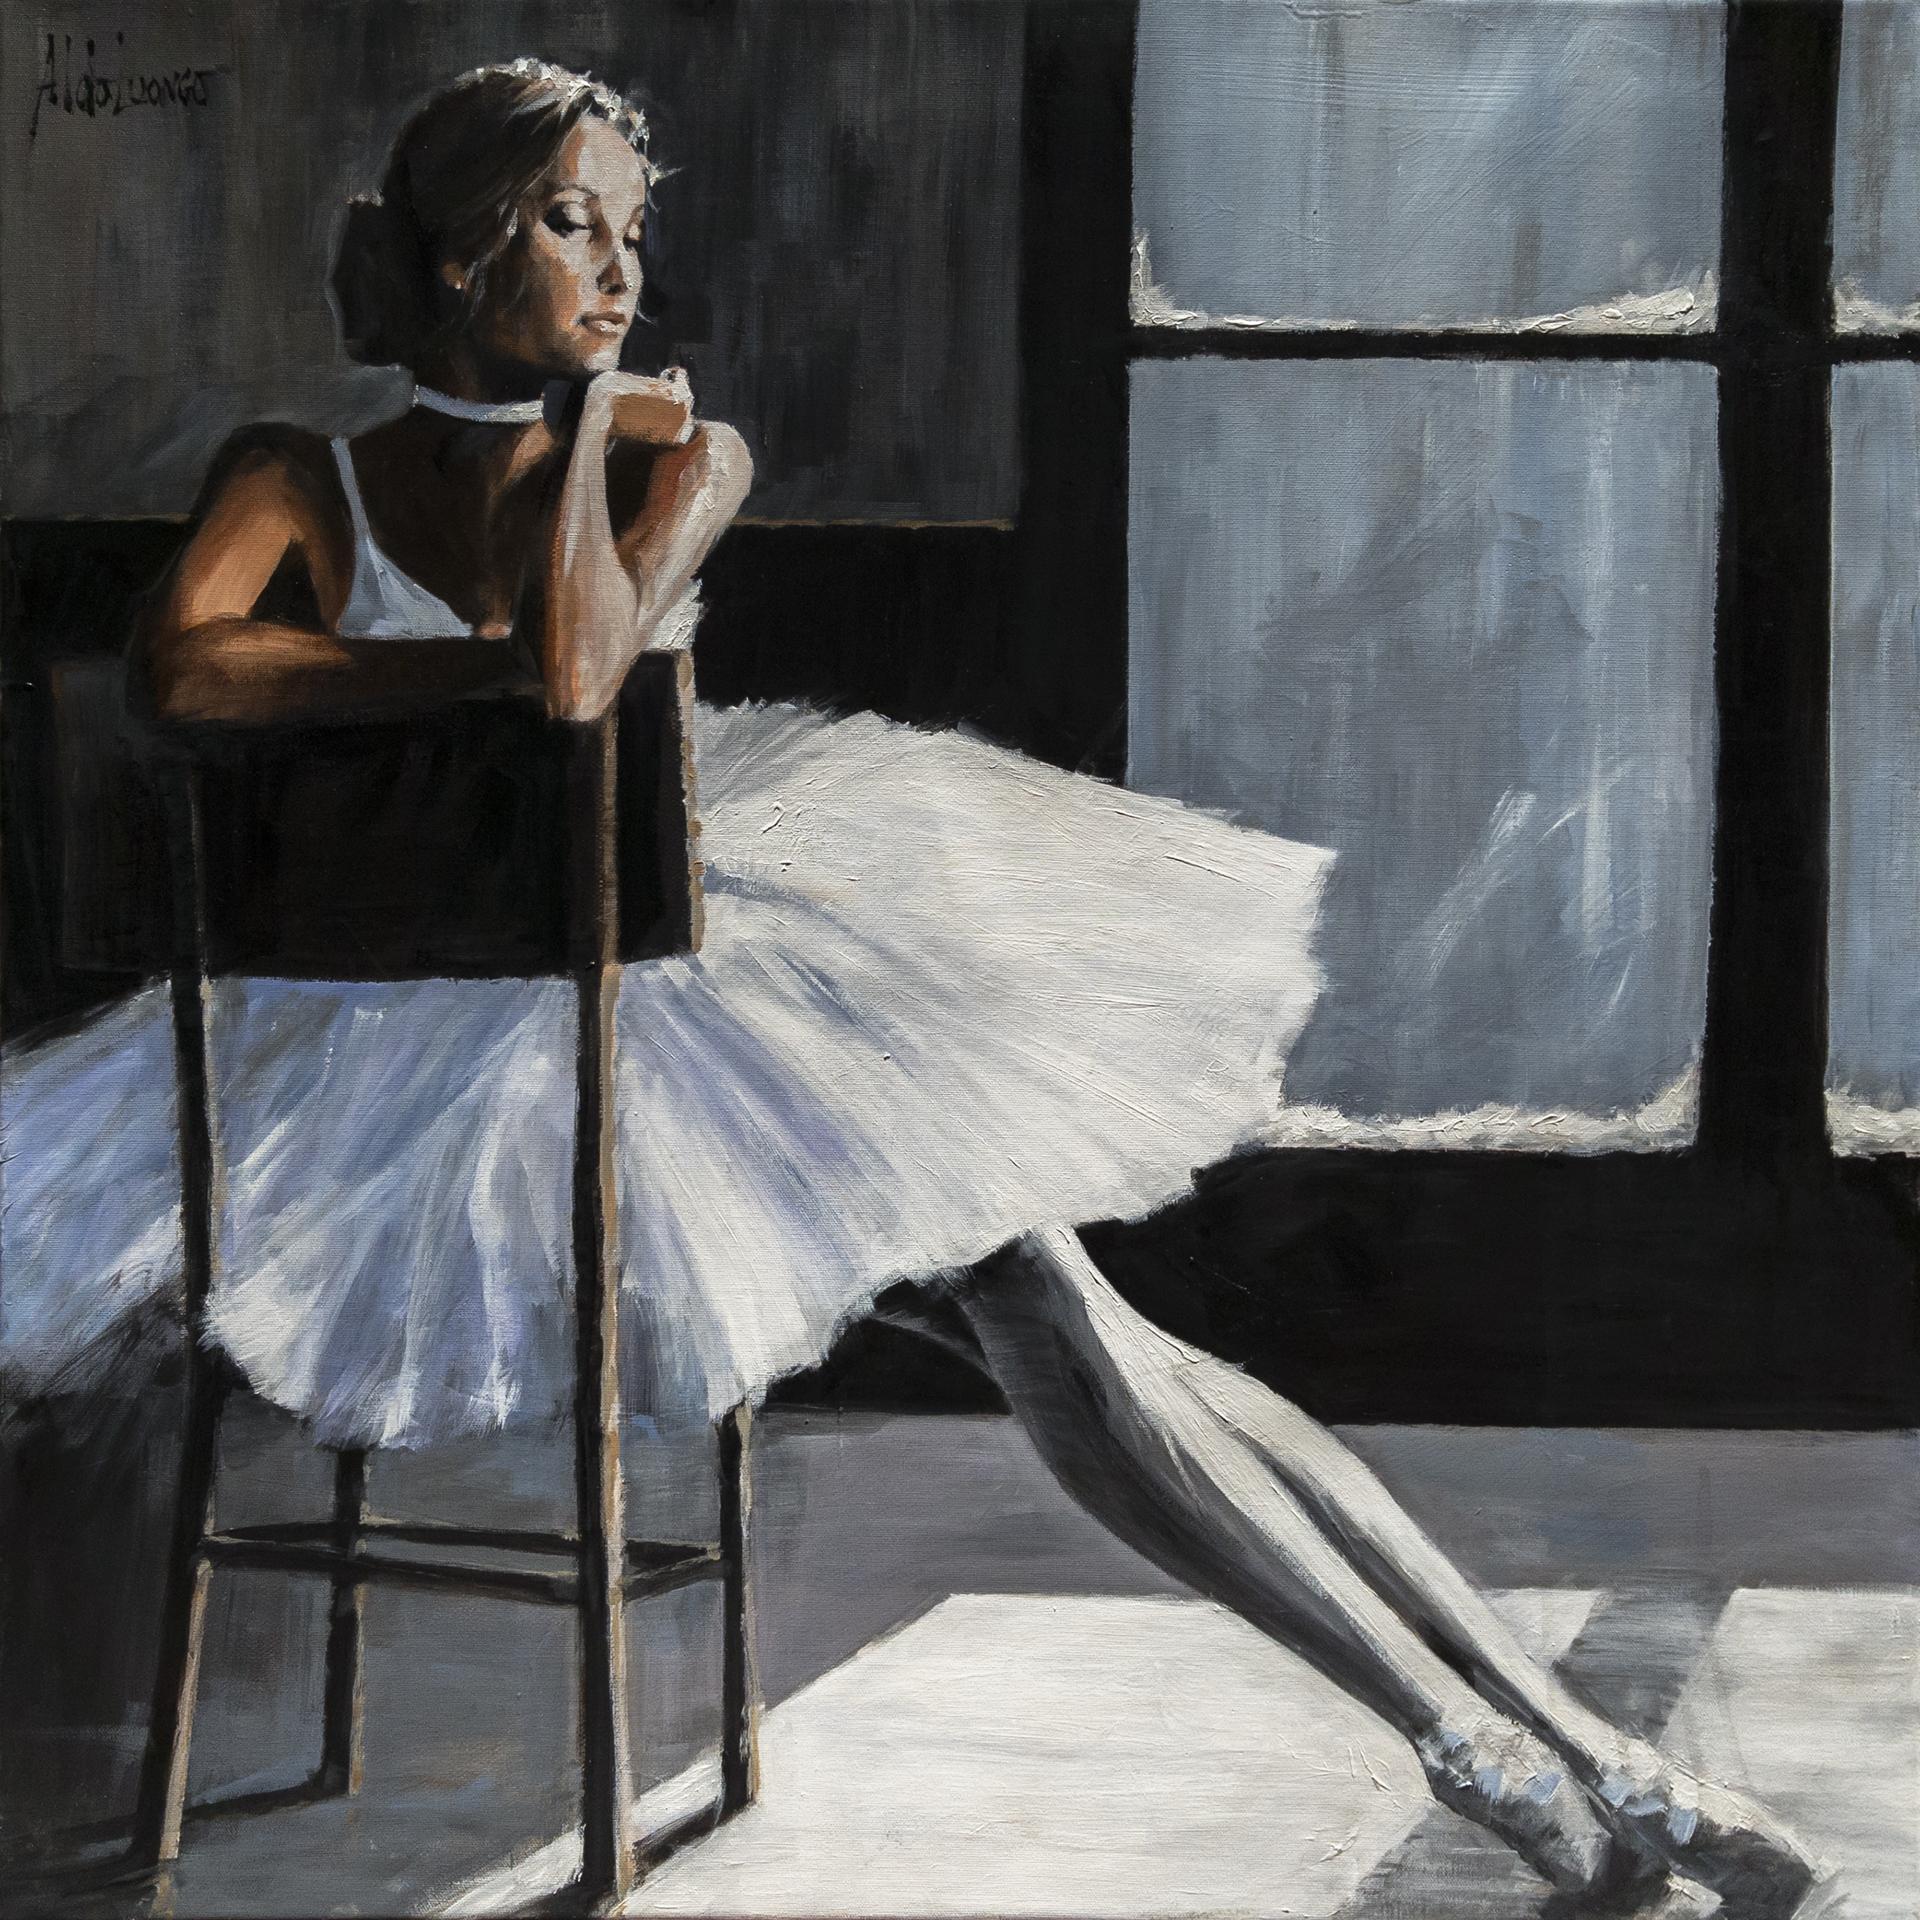 Winter Light II by Aldo Luongo